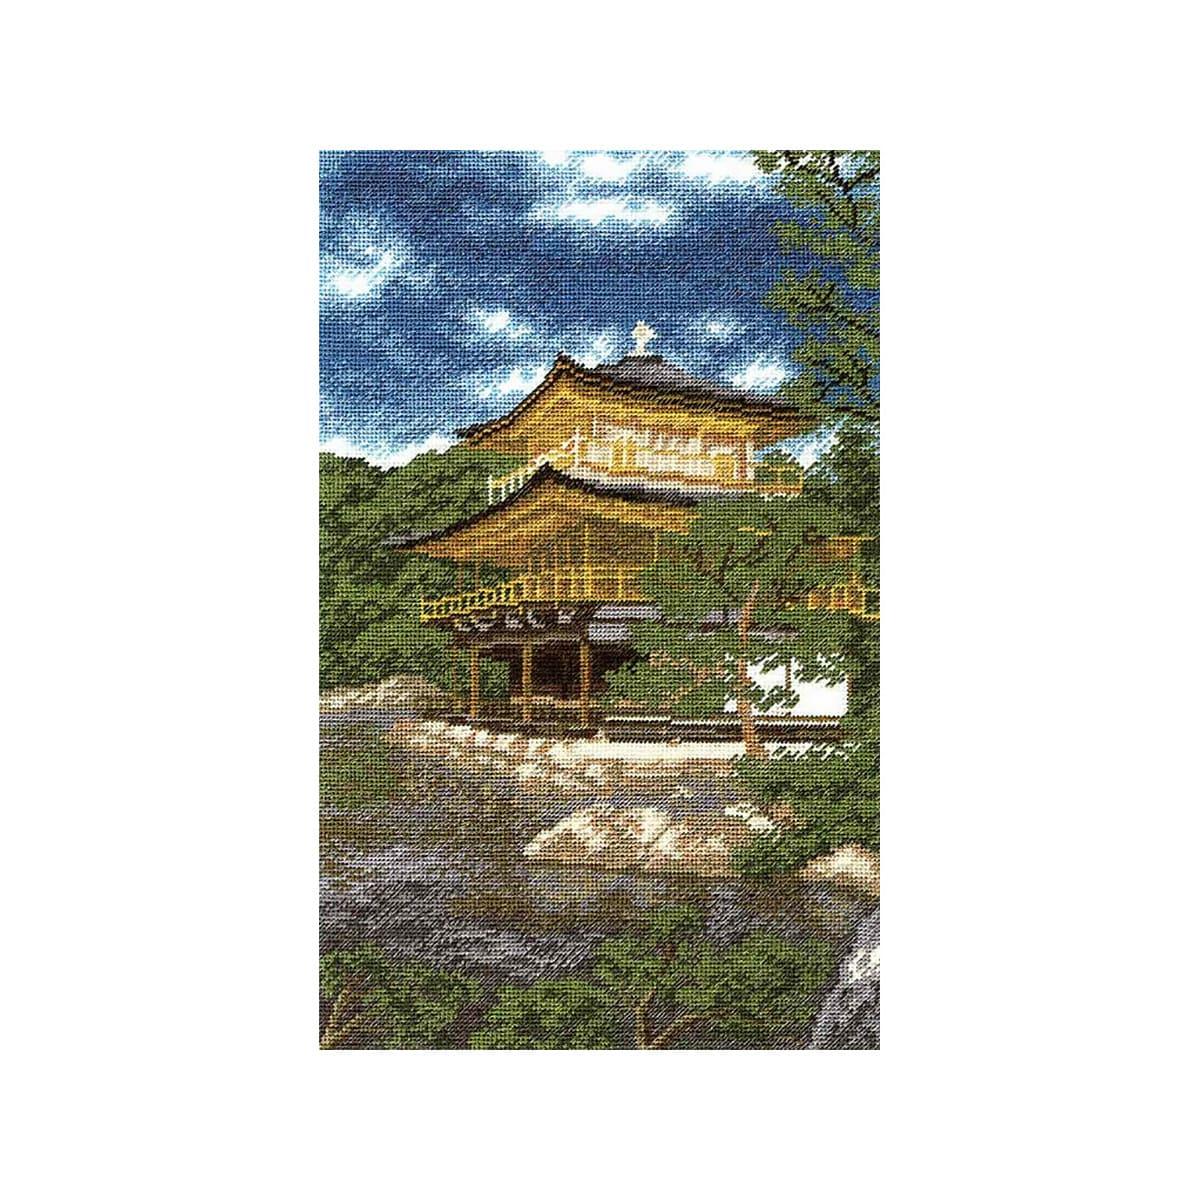 Набор для вышивания'Золотой павильон', 29*18 см, 681, Hobby&Pro